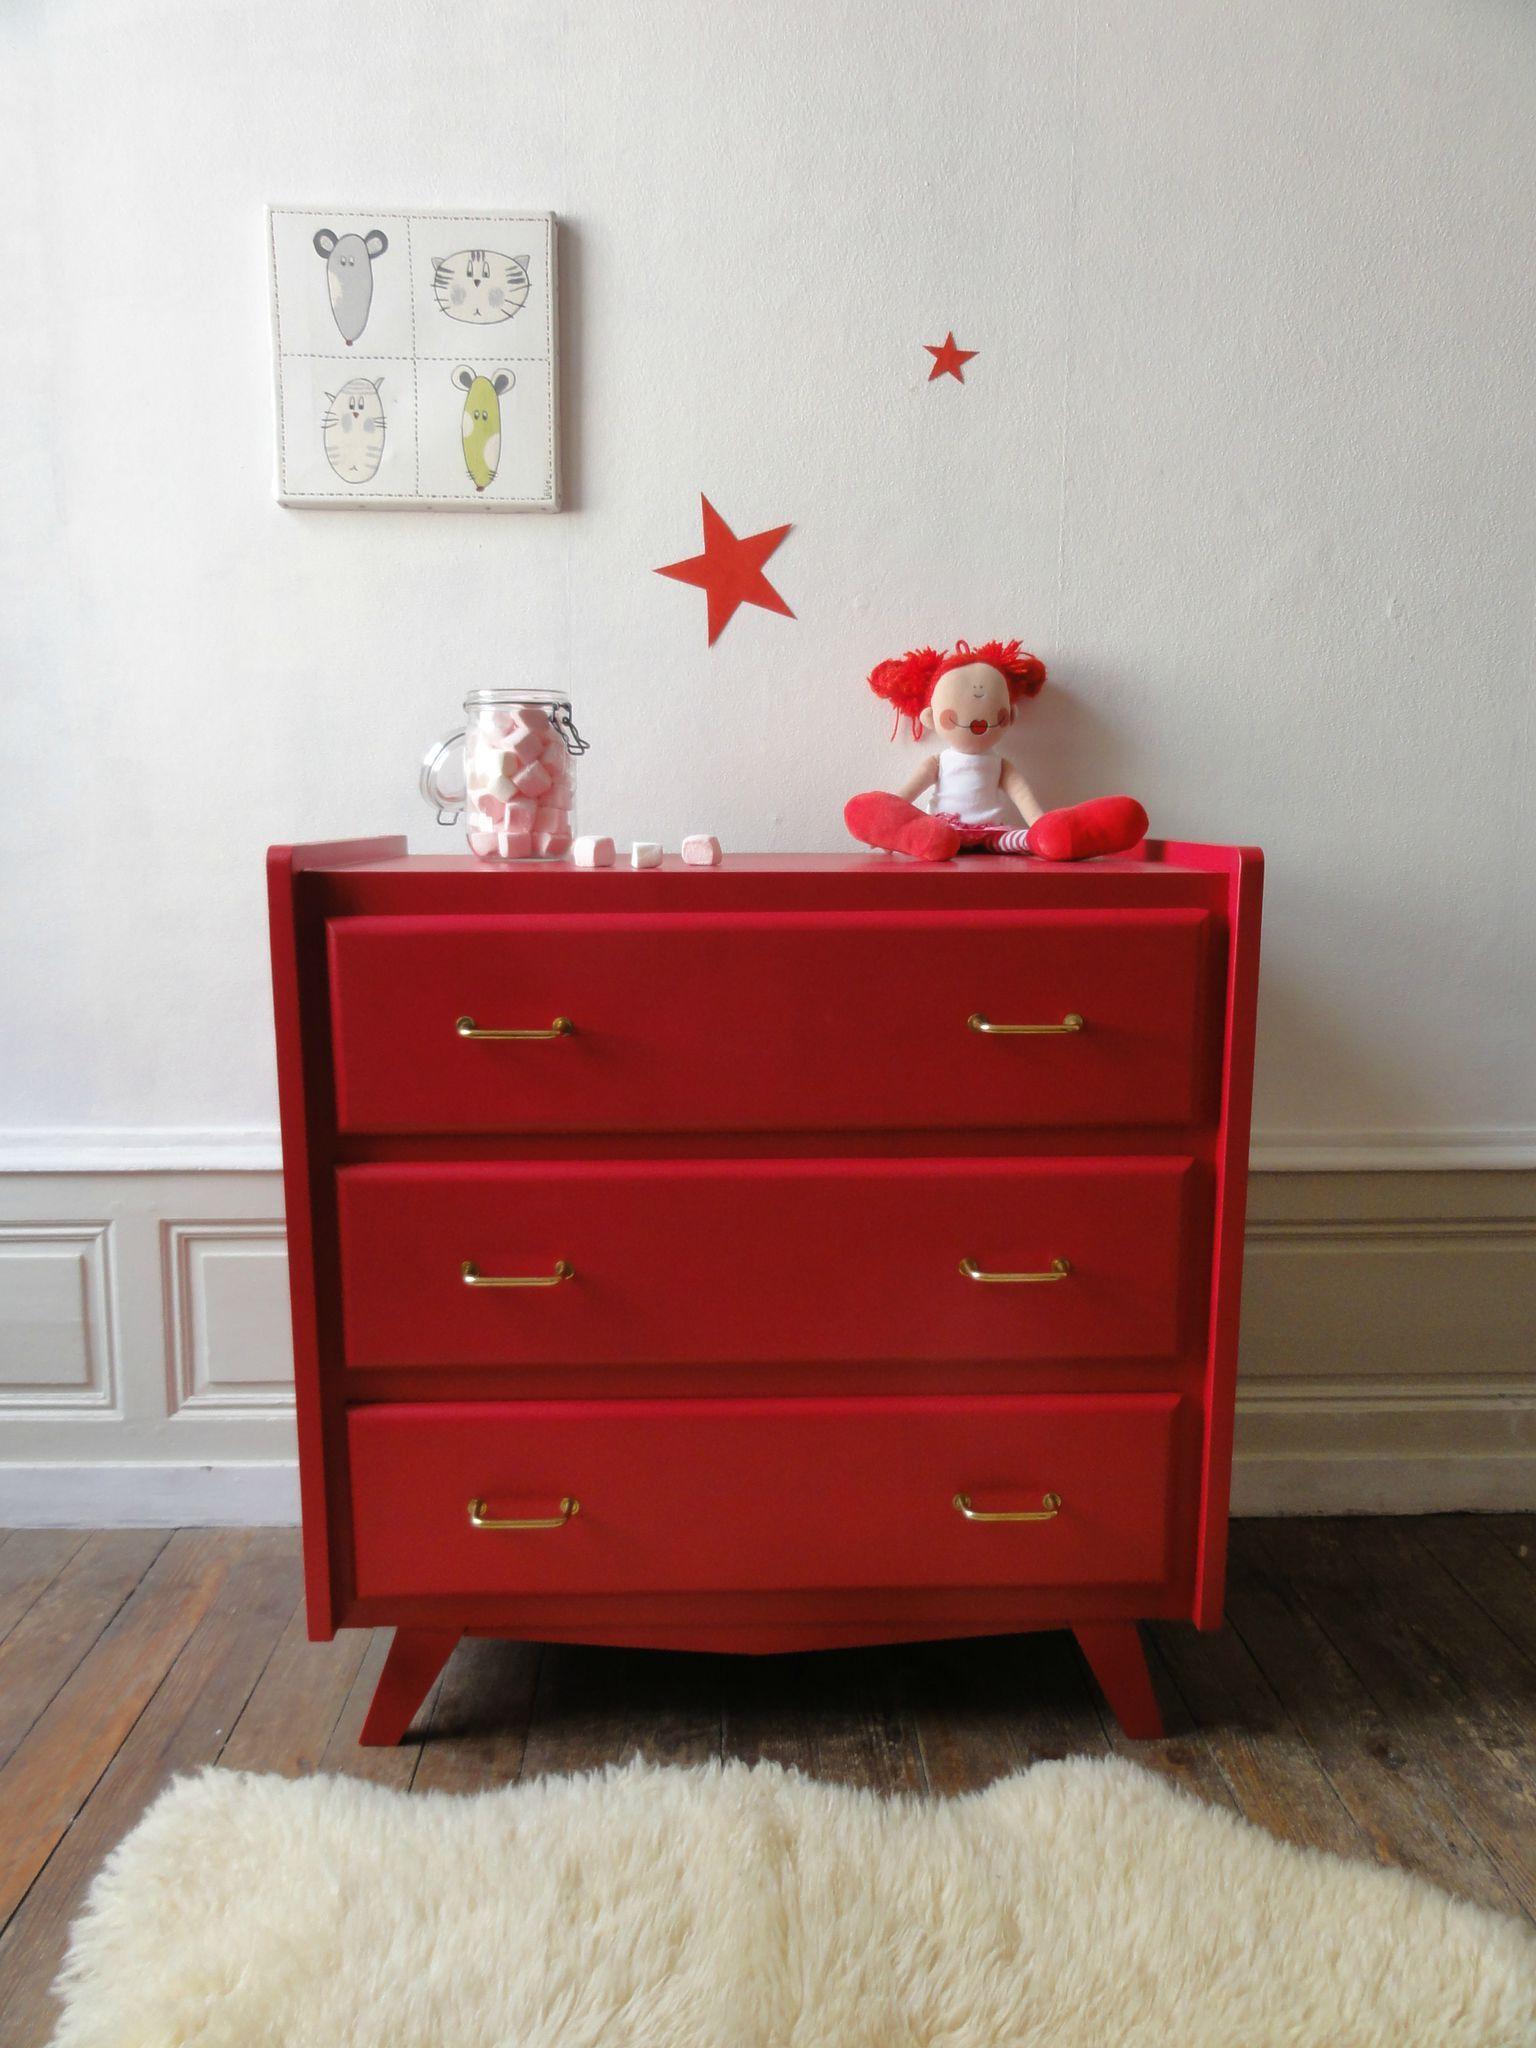 commode 50 39 s rouge 1 chambre bb mobilier de salon. Black Bedroom Furniture Sets. Home Design Ideas